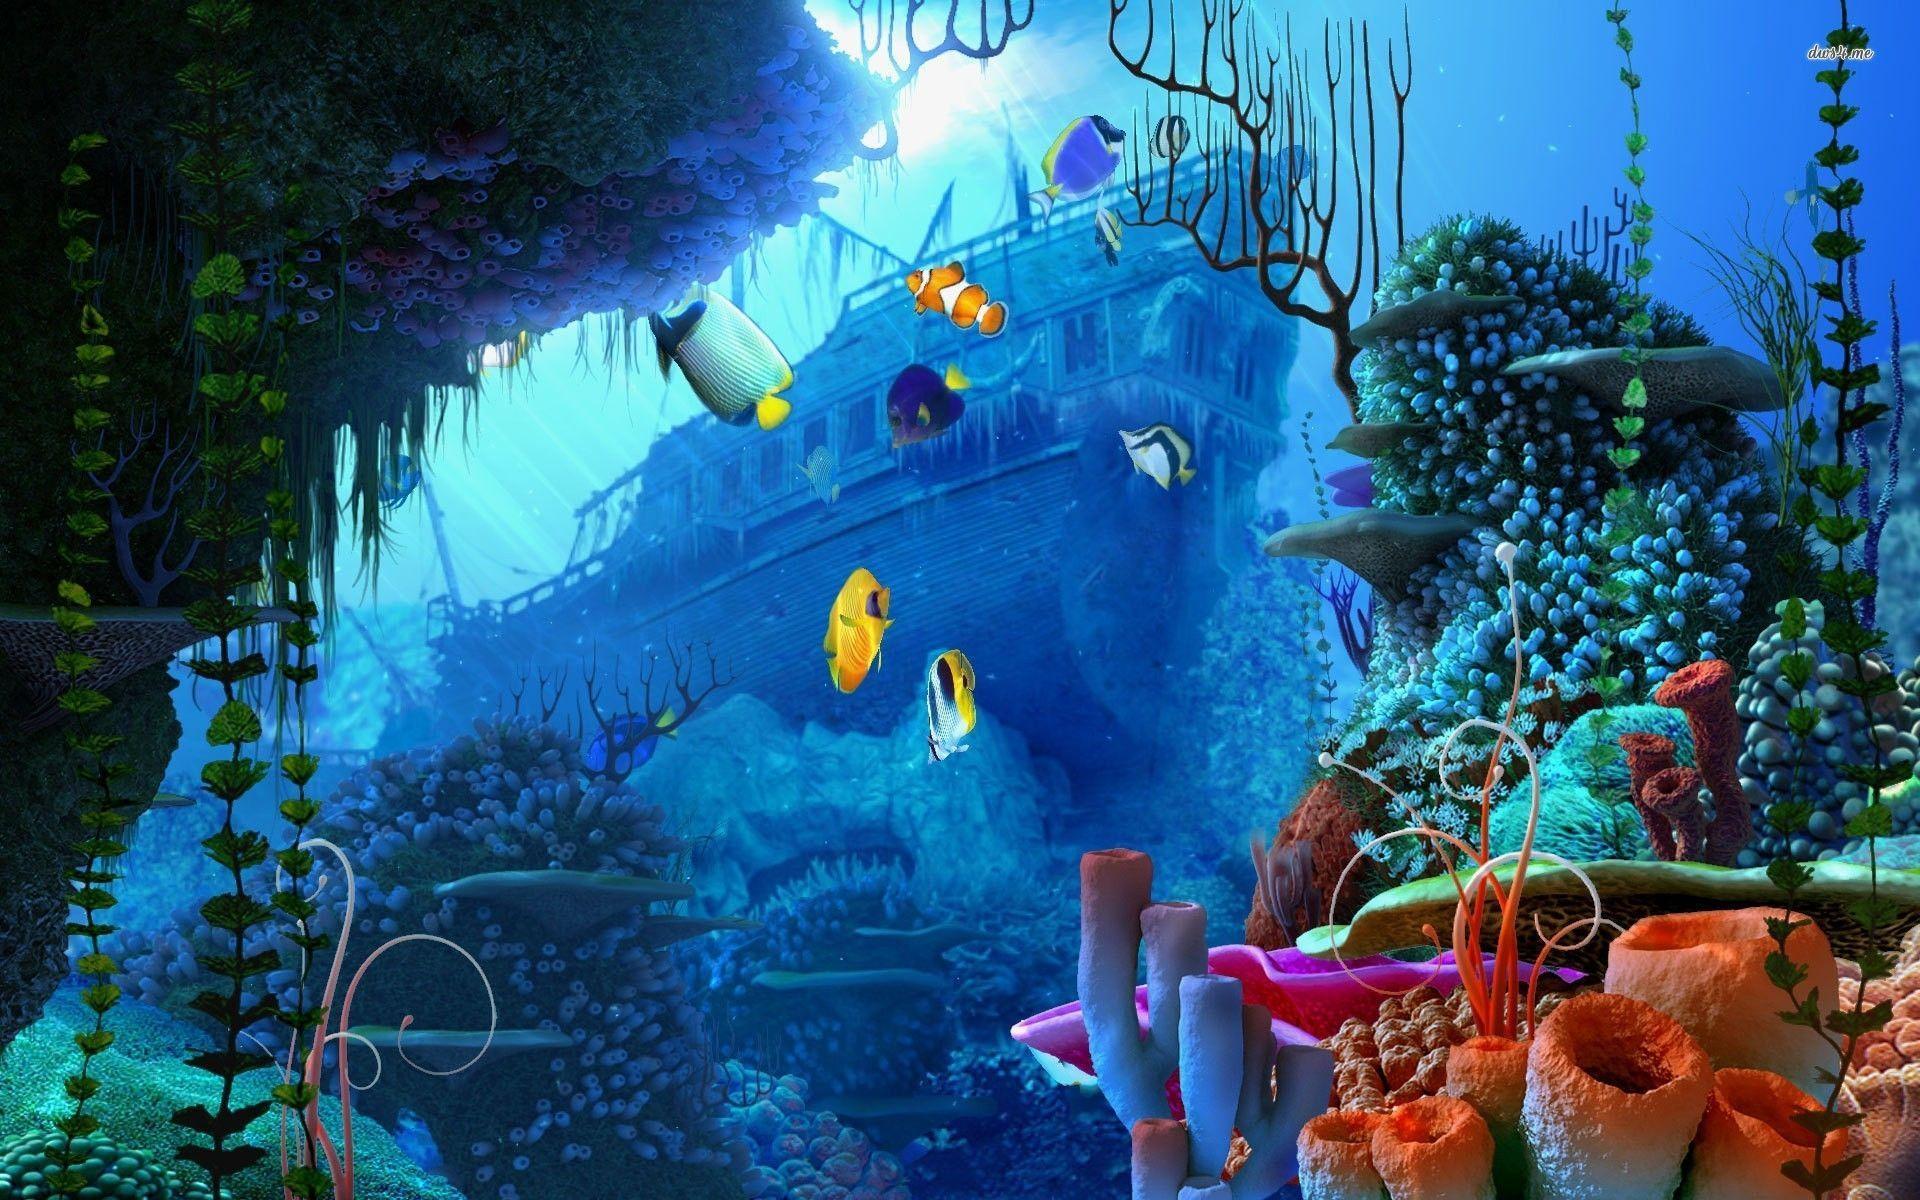 Live Aquarium Wallpapers Top Free Live Aquarium Backgrounds Wallpaperaccess